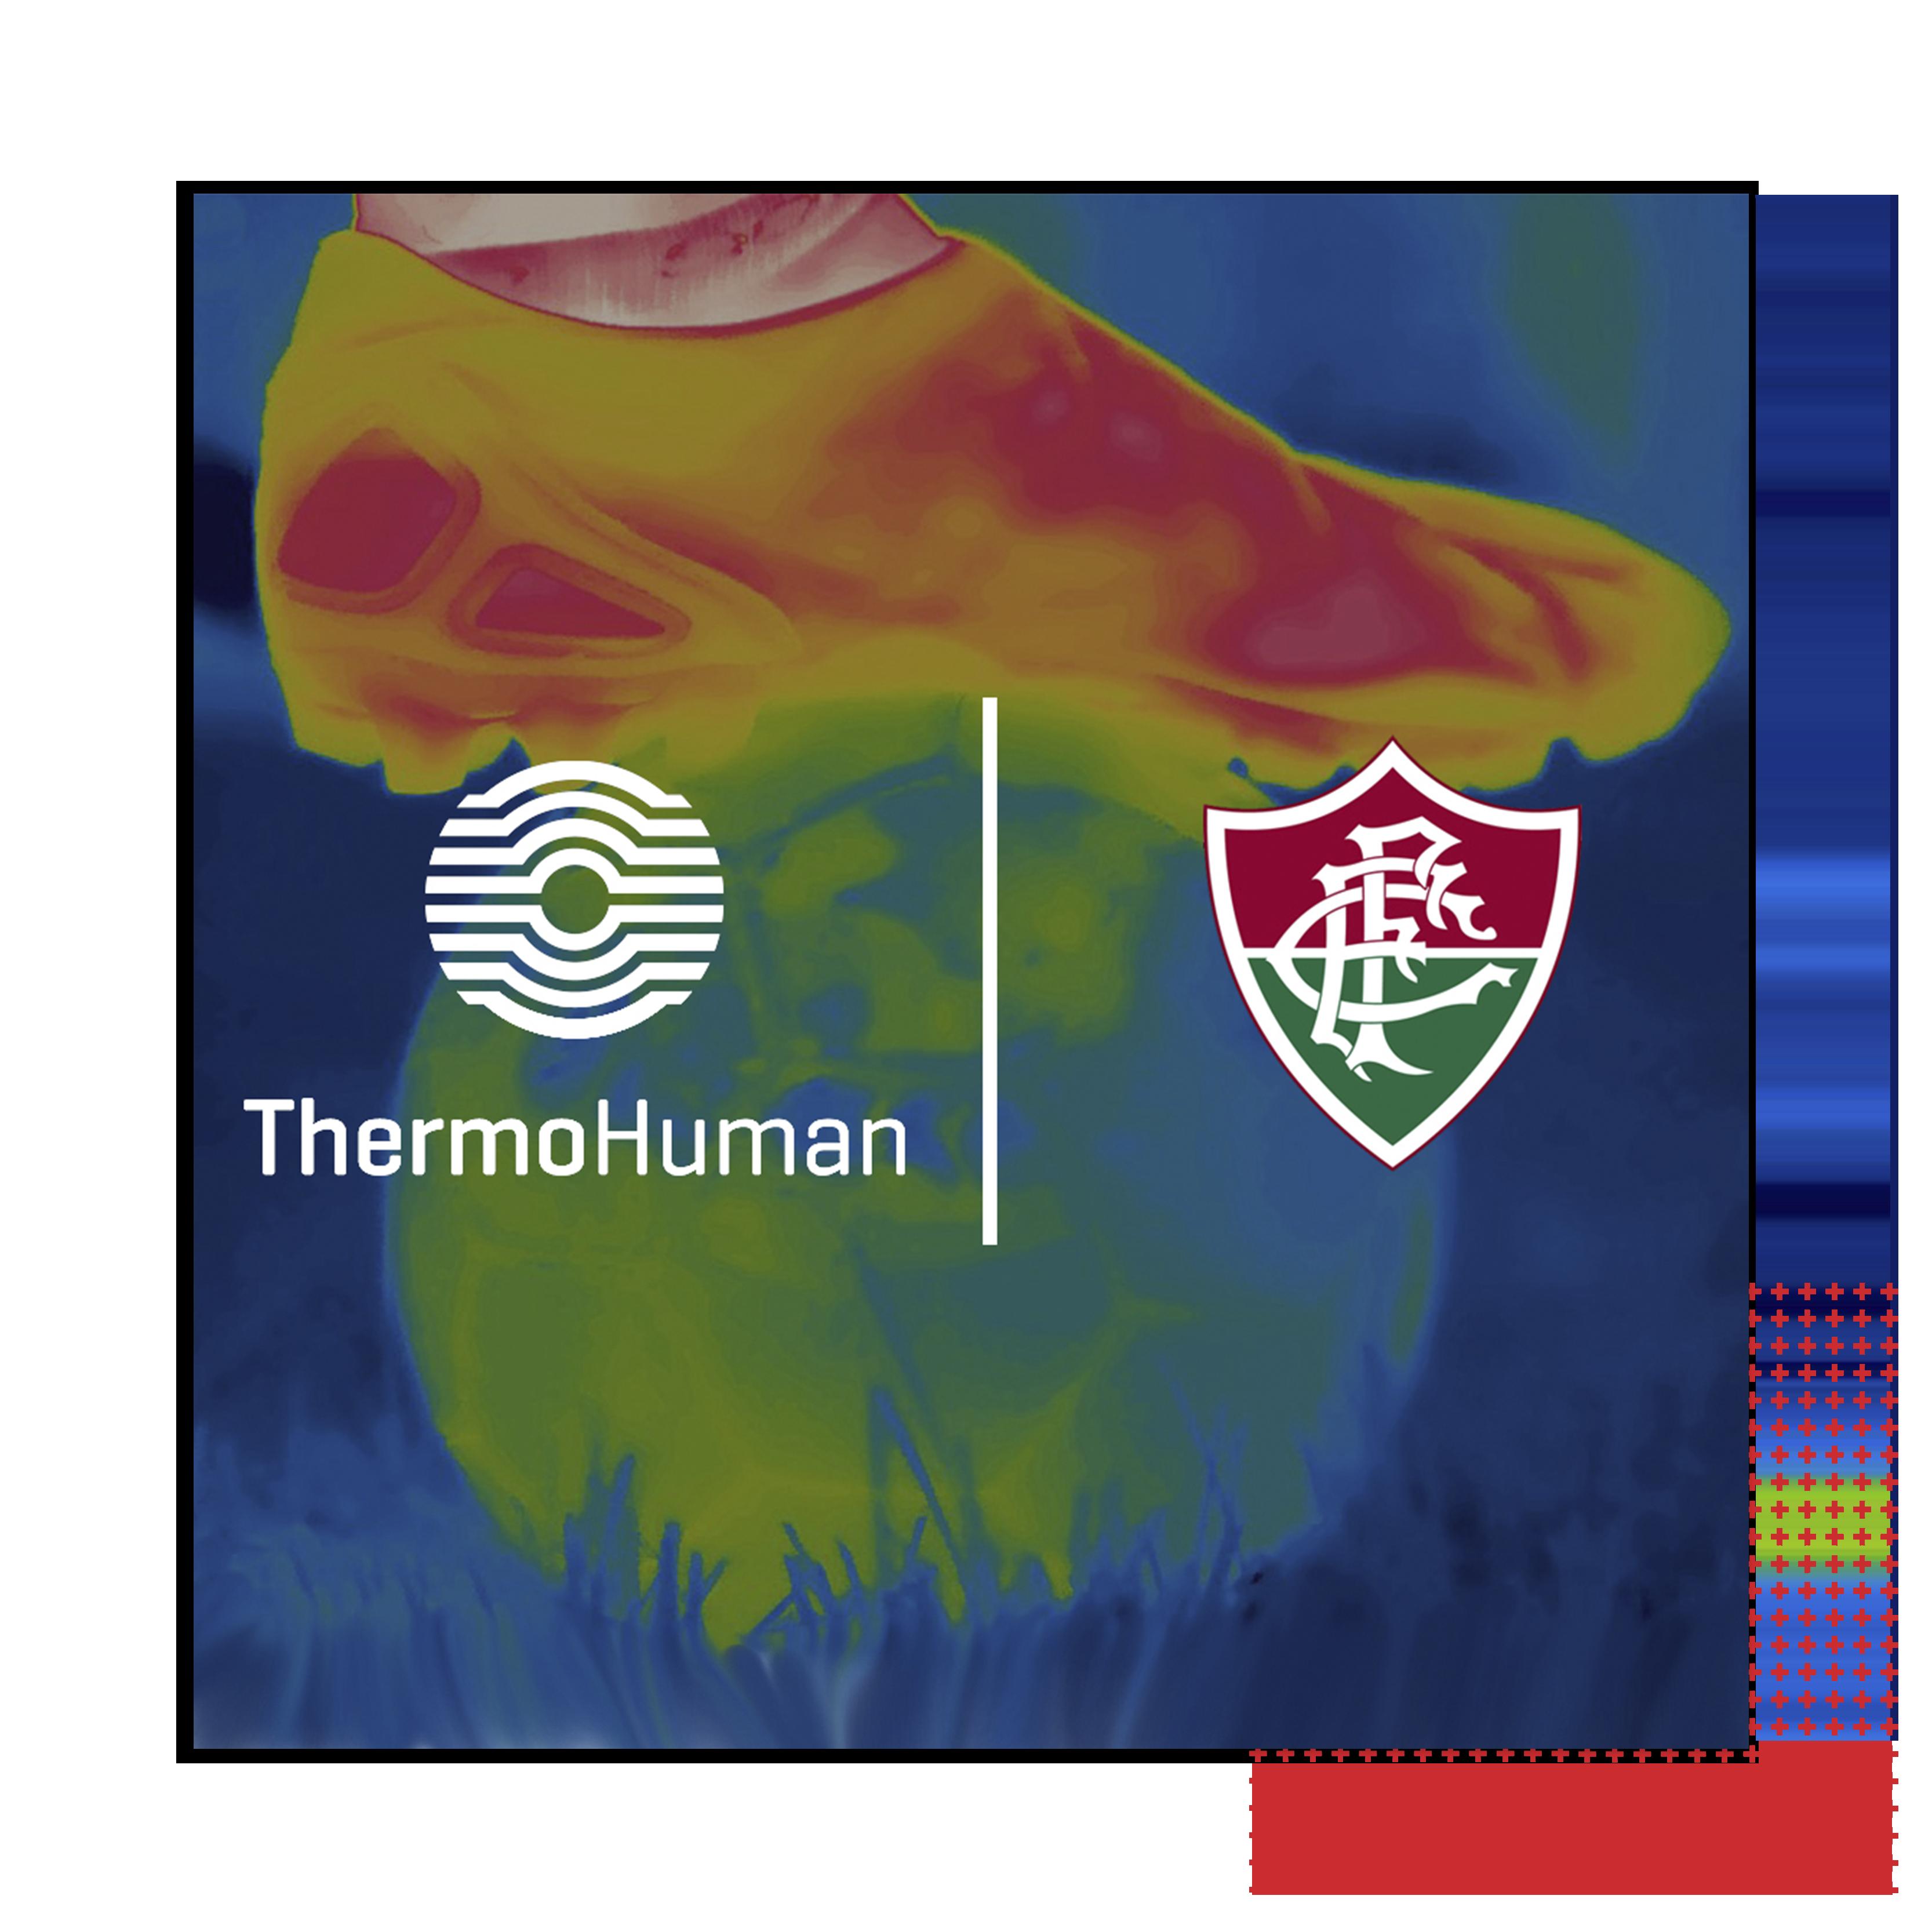 ThermoHuman, official partner of Fluminense FC (Brazil)